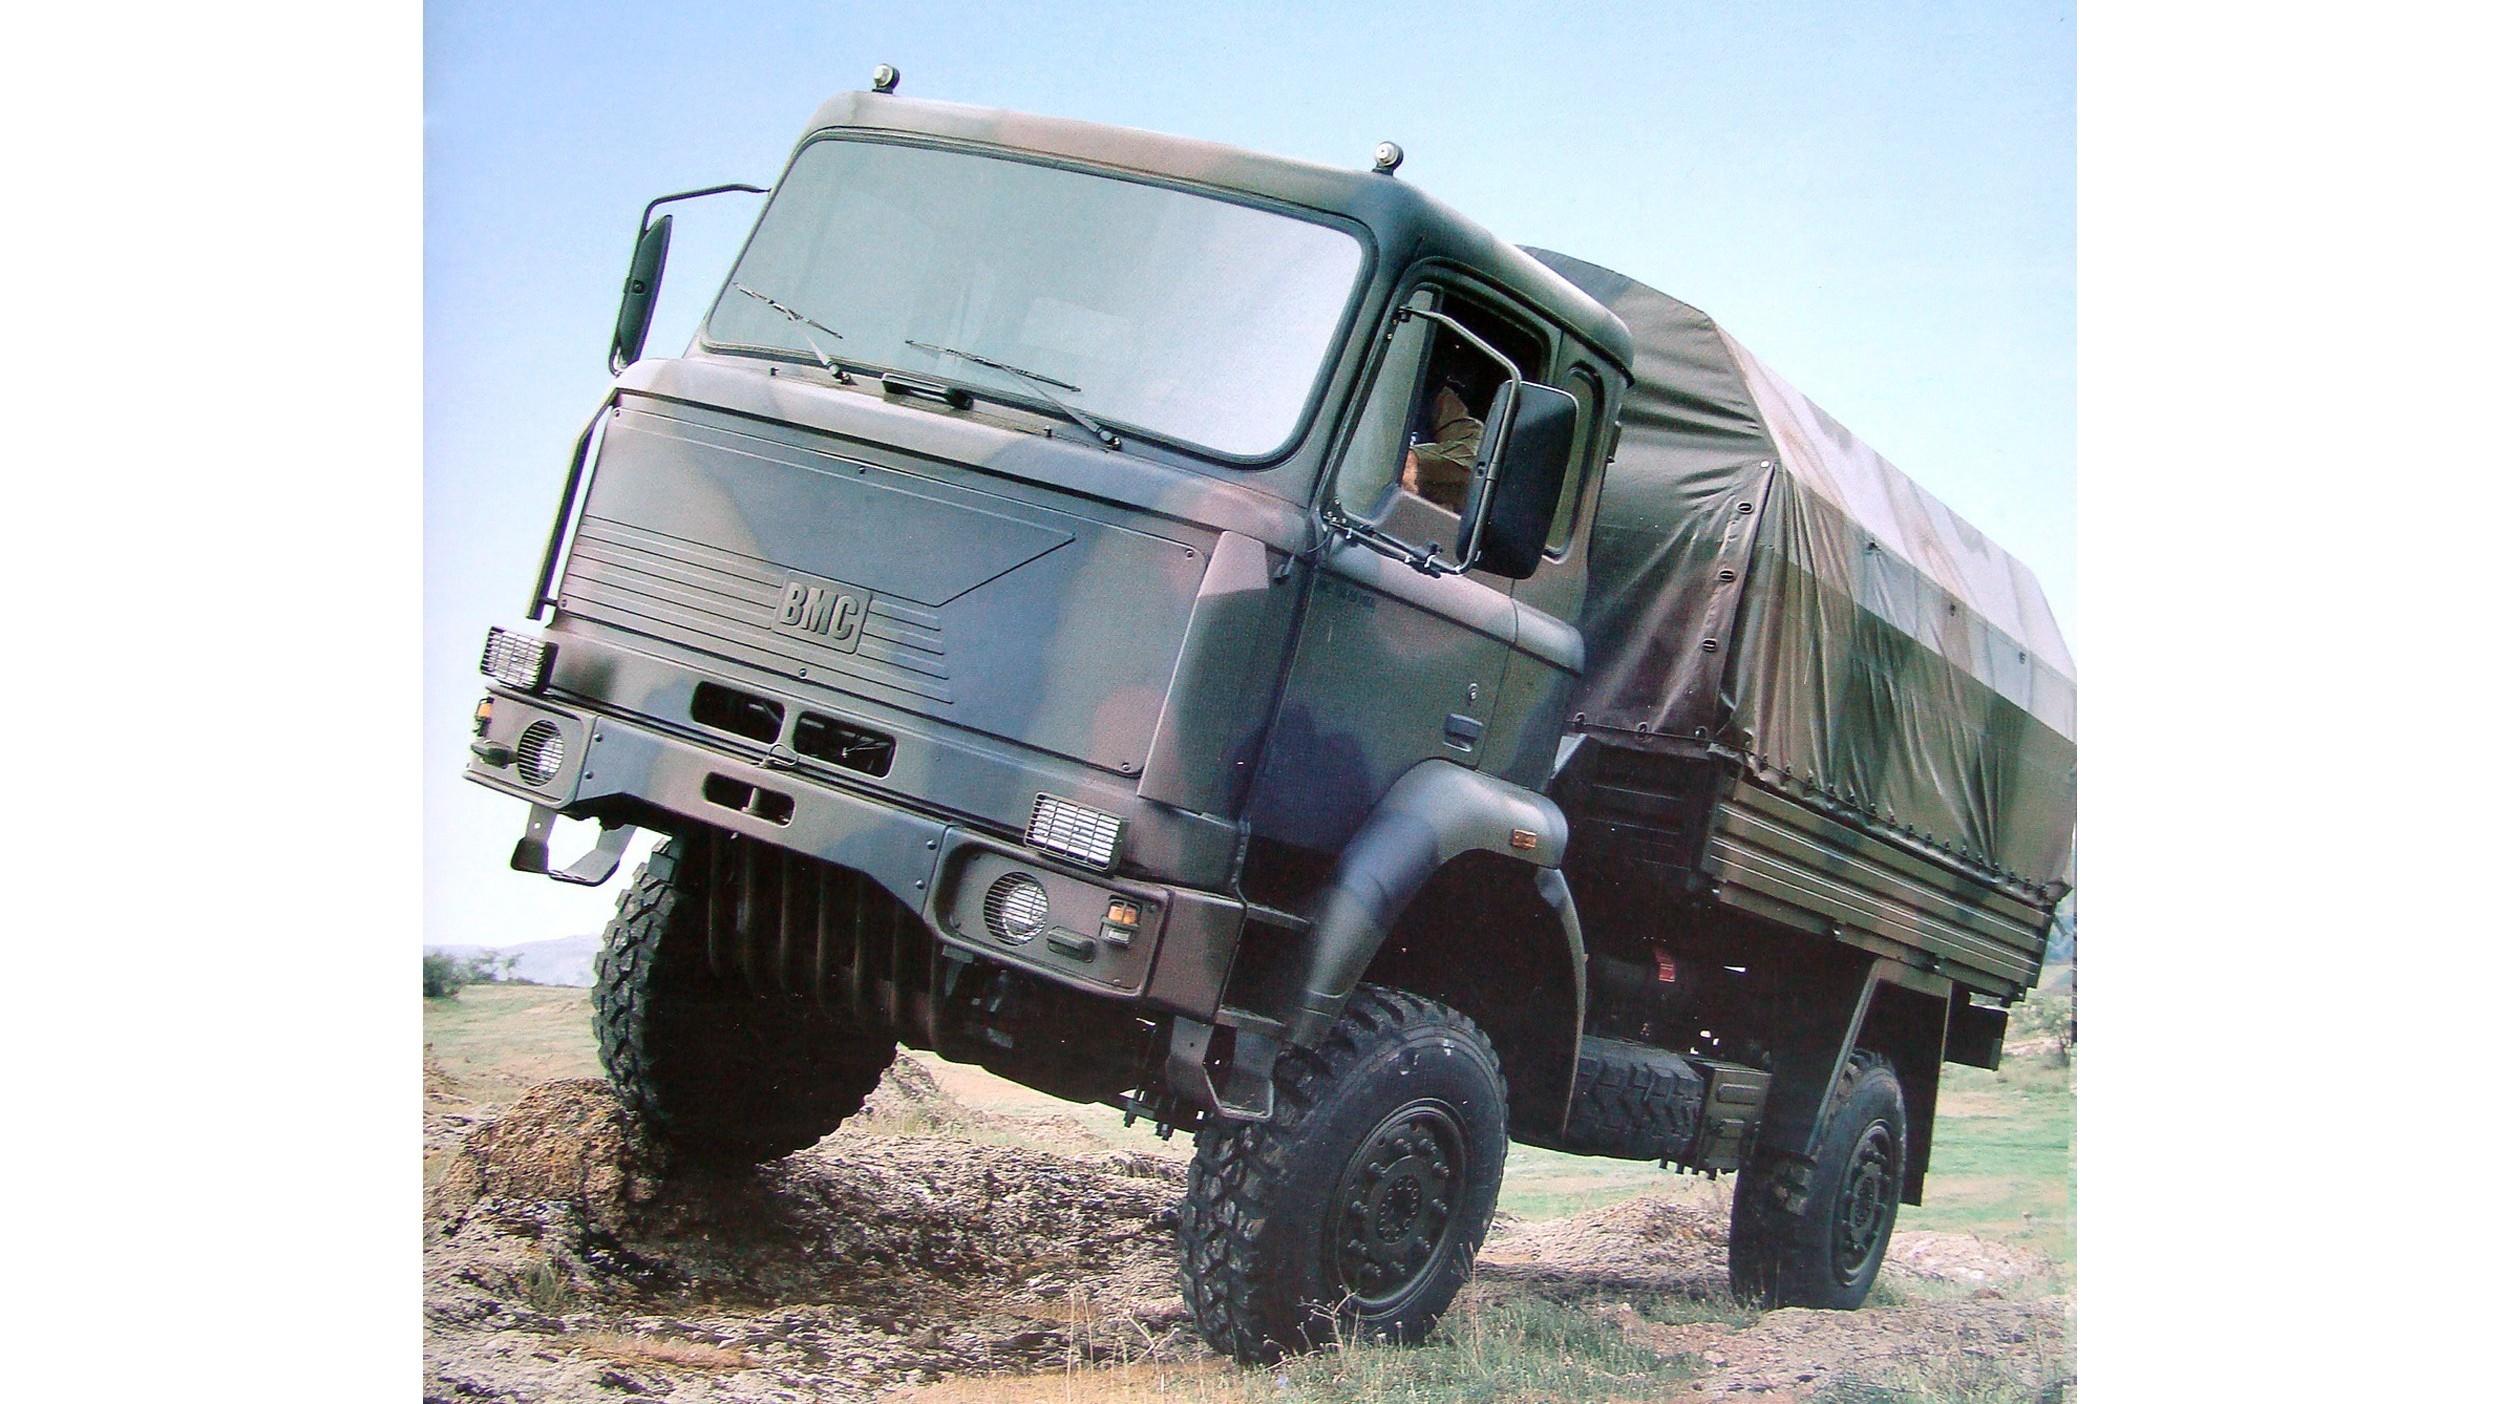 Легкий бескапотный автомобиль BMC 215-09 с 215-сильным дизелем